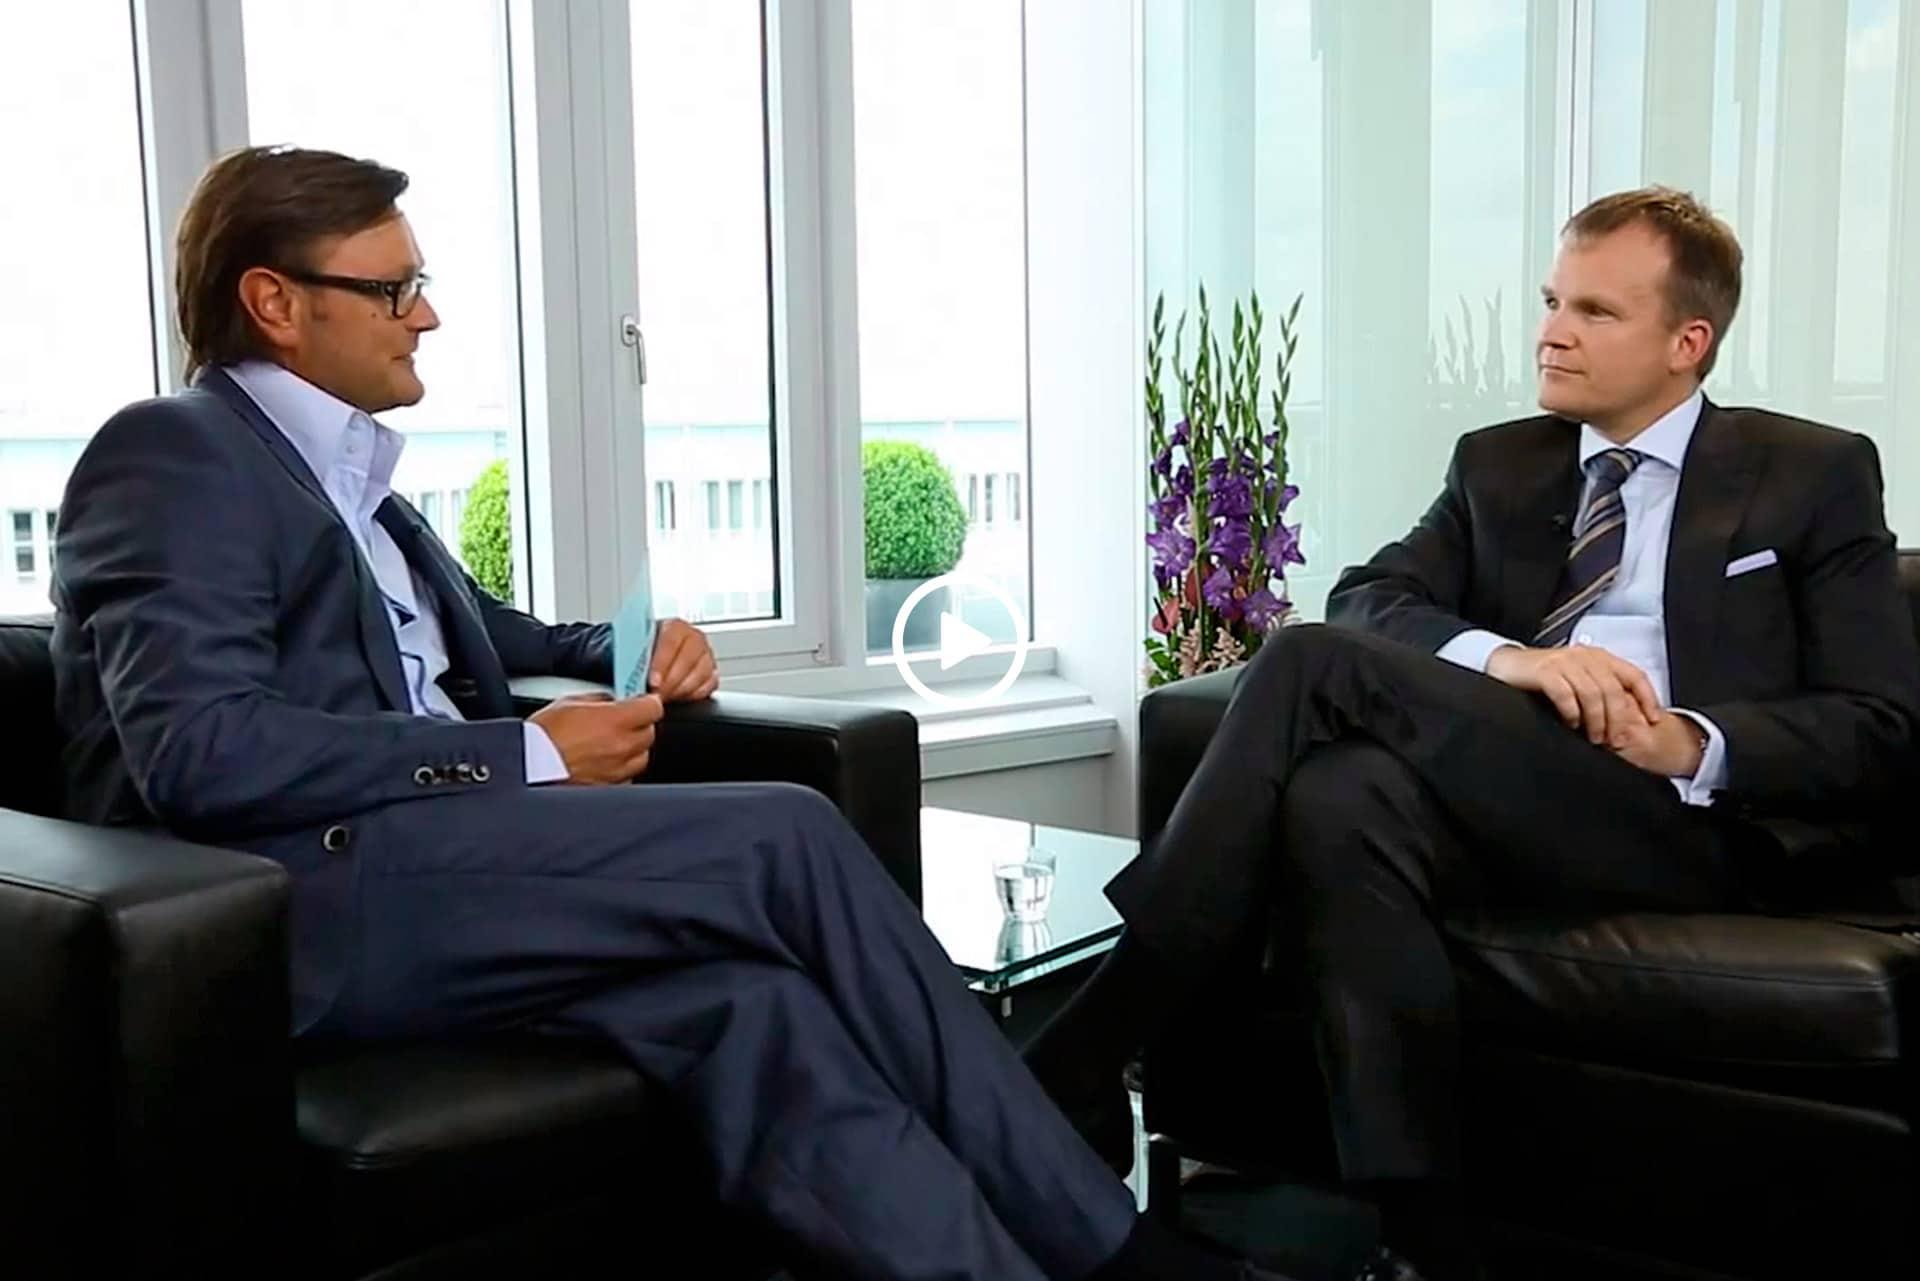 politischer-interviewer-moderation-juergen-pfeiffer